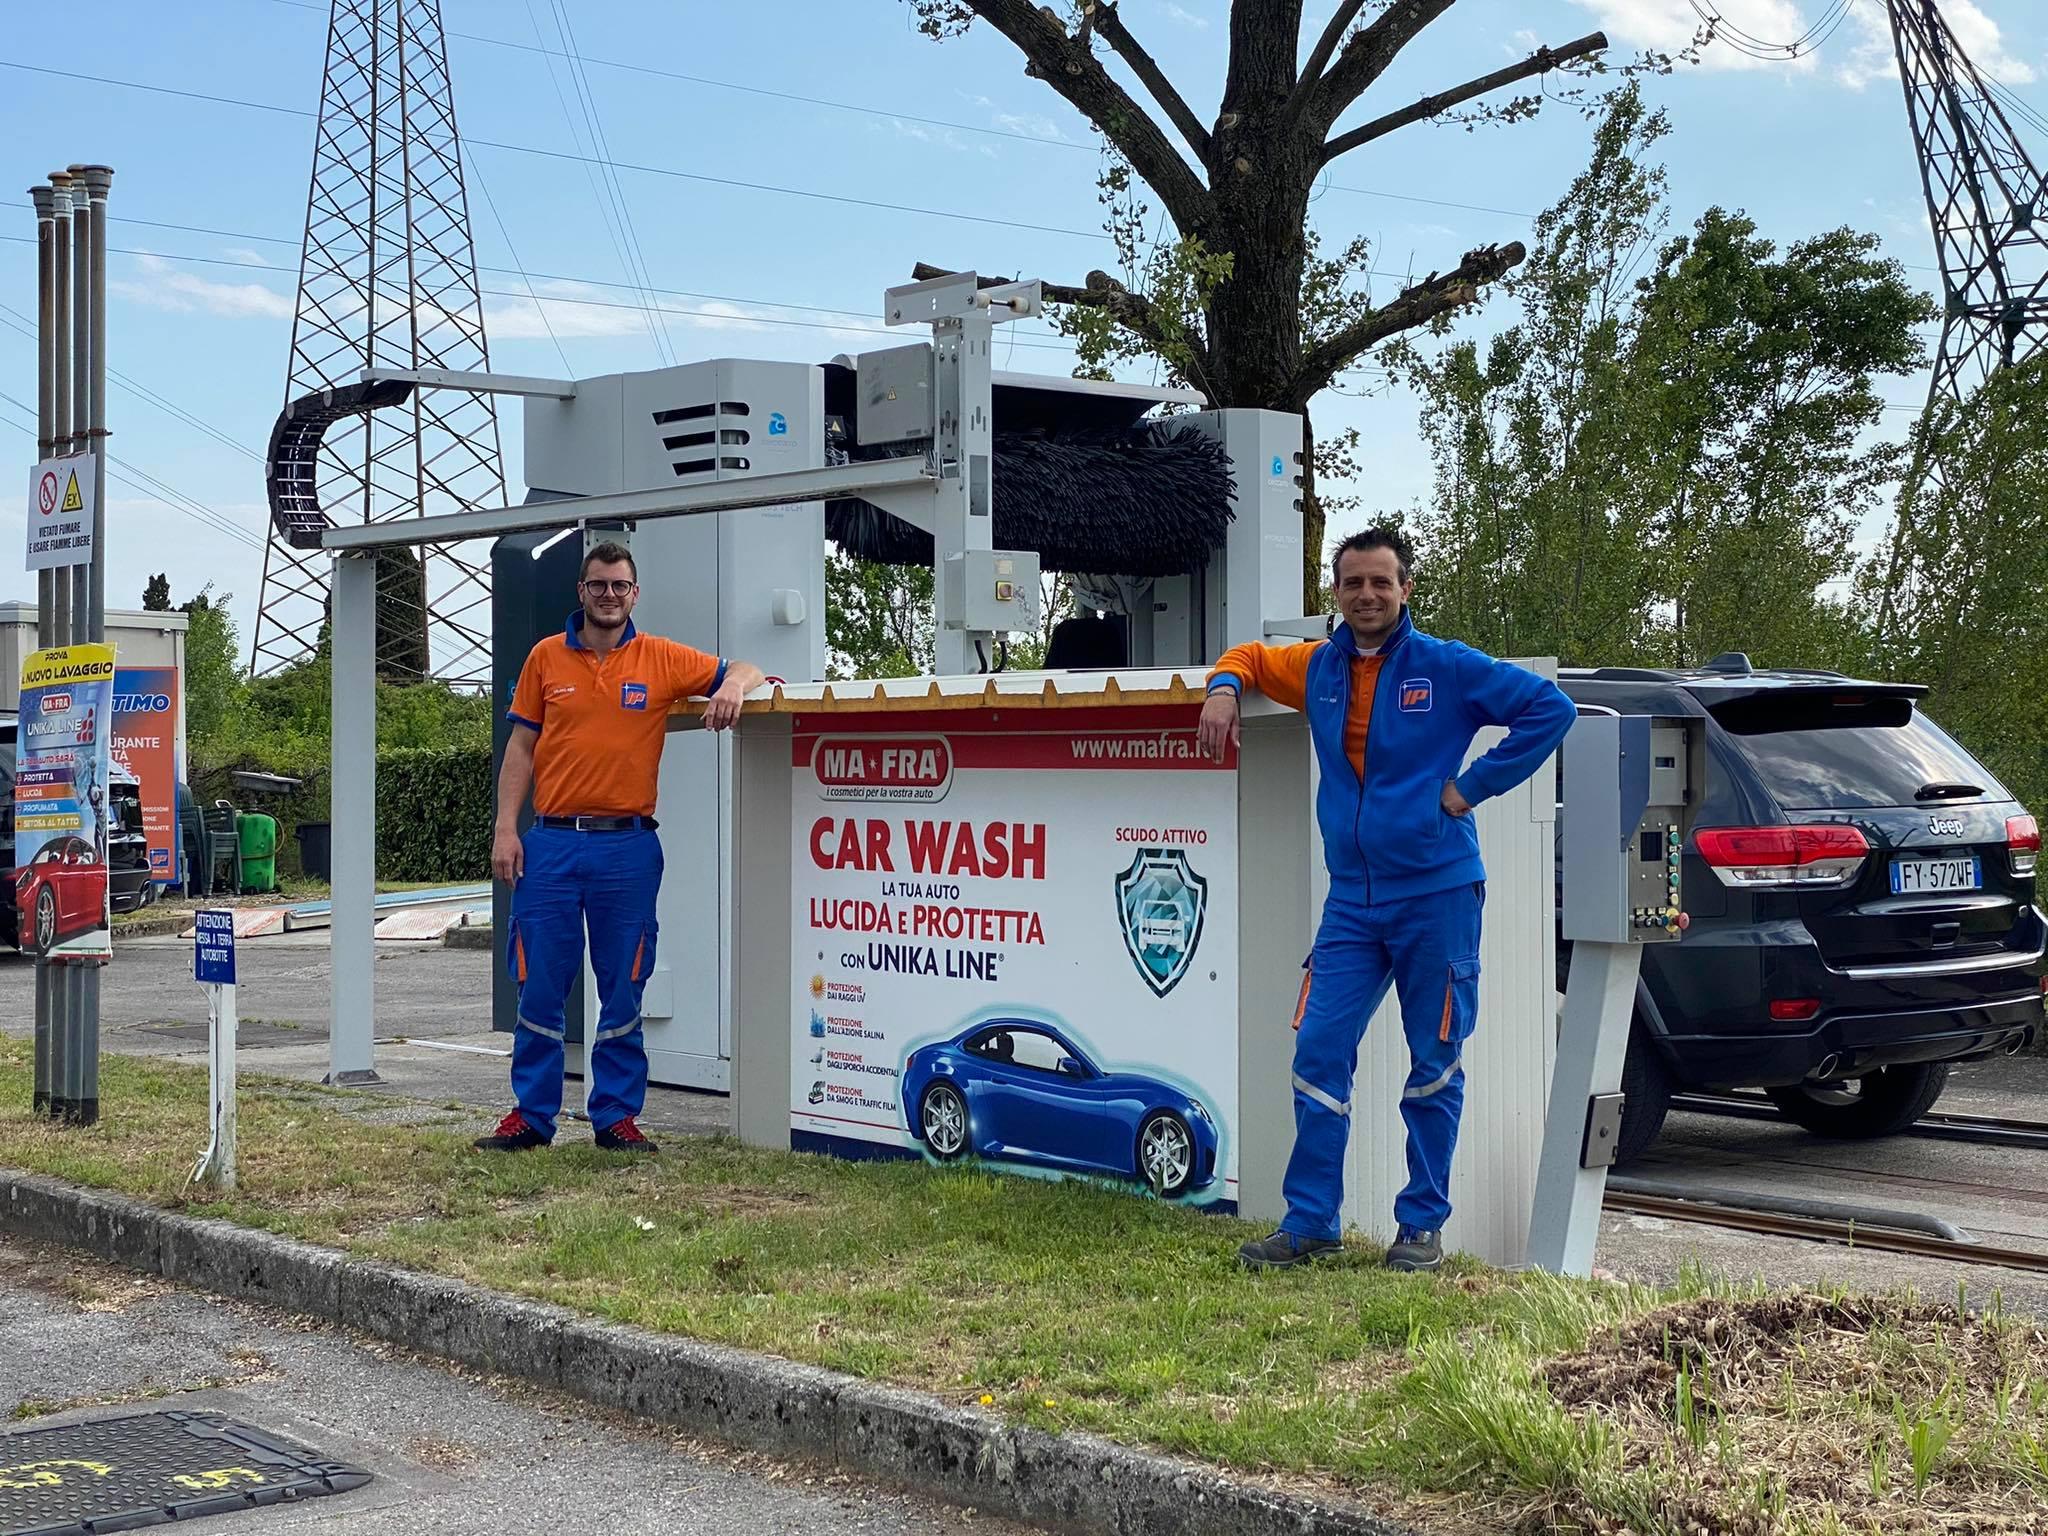 Immagine per Fogliano Redipuglia, nuova gestione per la Stazione di Servizio con l'apertura dell'autolavaggio